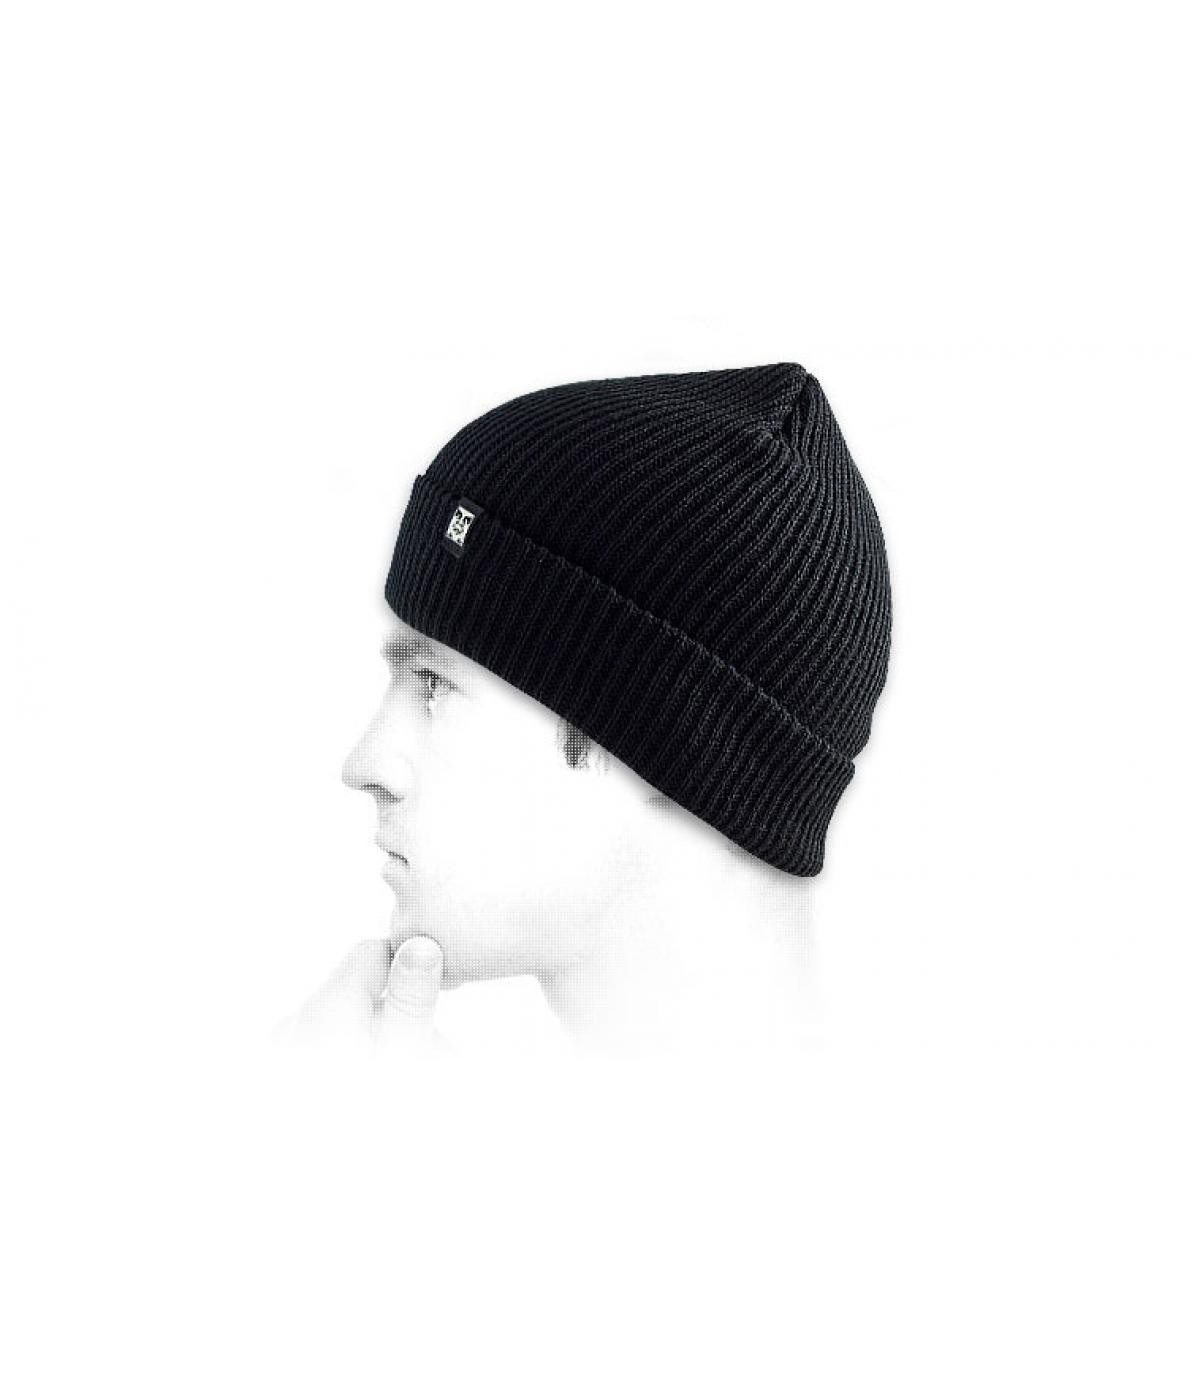 Cappello Invernale uomo - Acquisto   Vendita Cappelli invernali uomo ... d22e5f9ff8cb